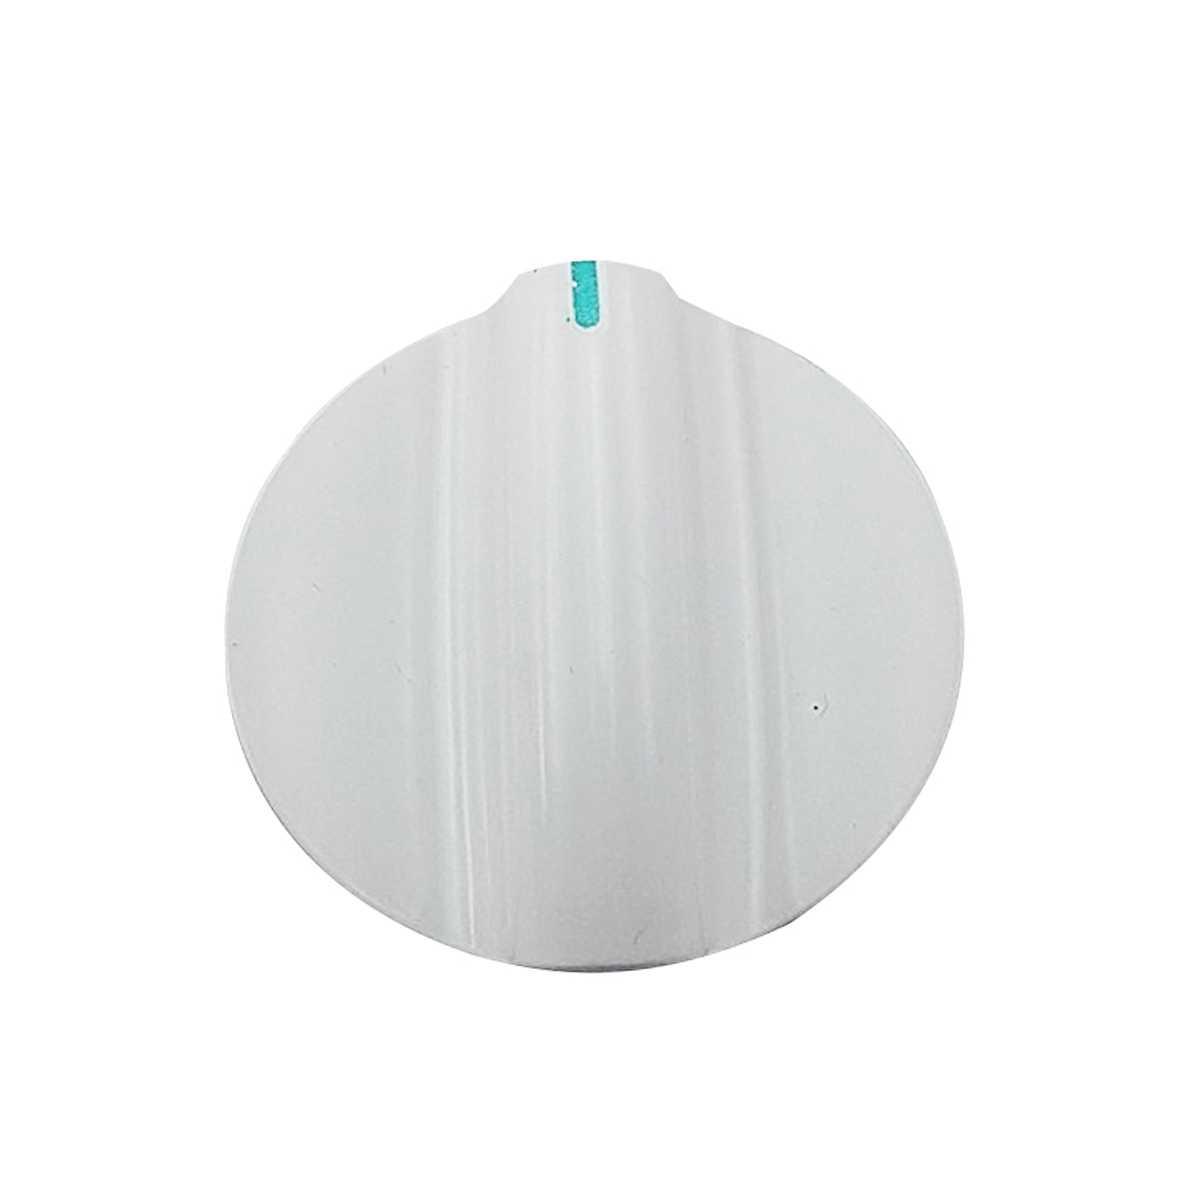 Botão seletor do timer compativel lavadora Electrolux LT60